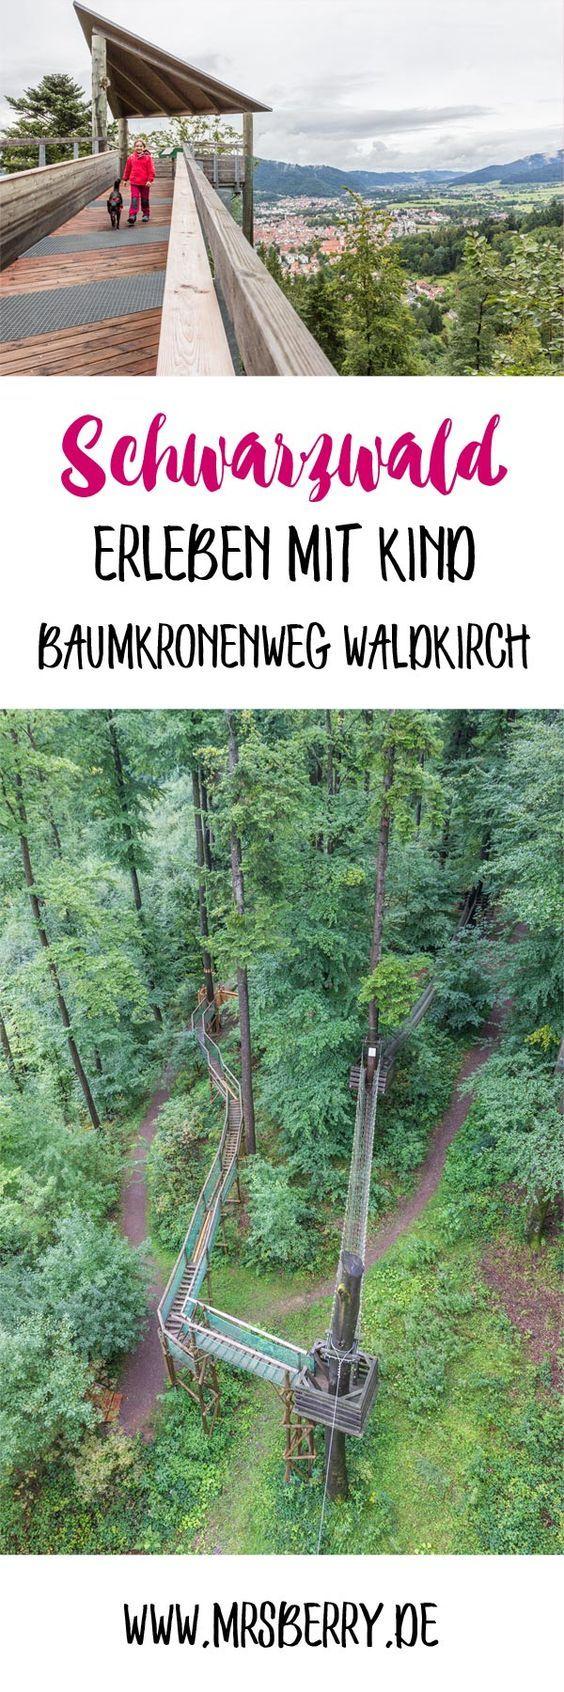 Schwarzwald erleben mit Kind: auf dem Baumkronenweg in Waldkirch - via MrsBerry.de | Der Naturerlebnispark Waldkirch wird oft nur als Baumkronenweg bezeichnet, doch wird dort weitaus mehr geboten:  über den Sinnesweg geht es bergauf und oben warten Baumkronenweg, Abenteuerpfad, Barfußpfad und Riesenröhrenrutsche.